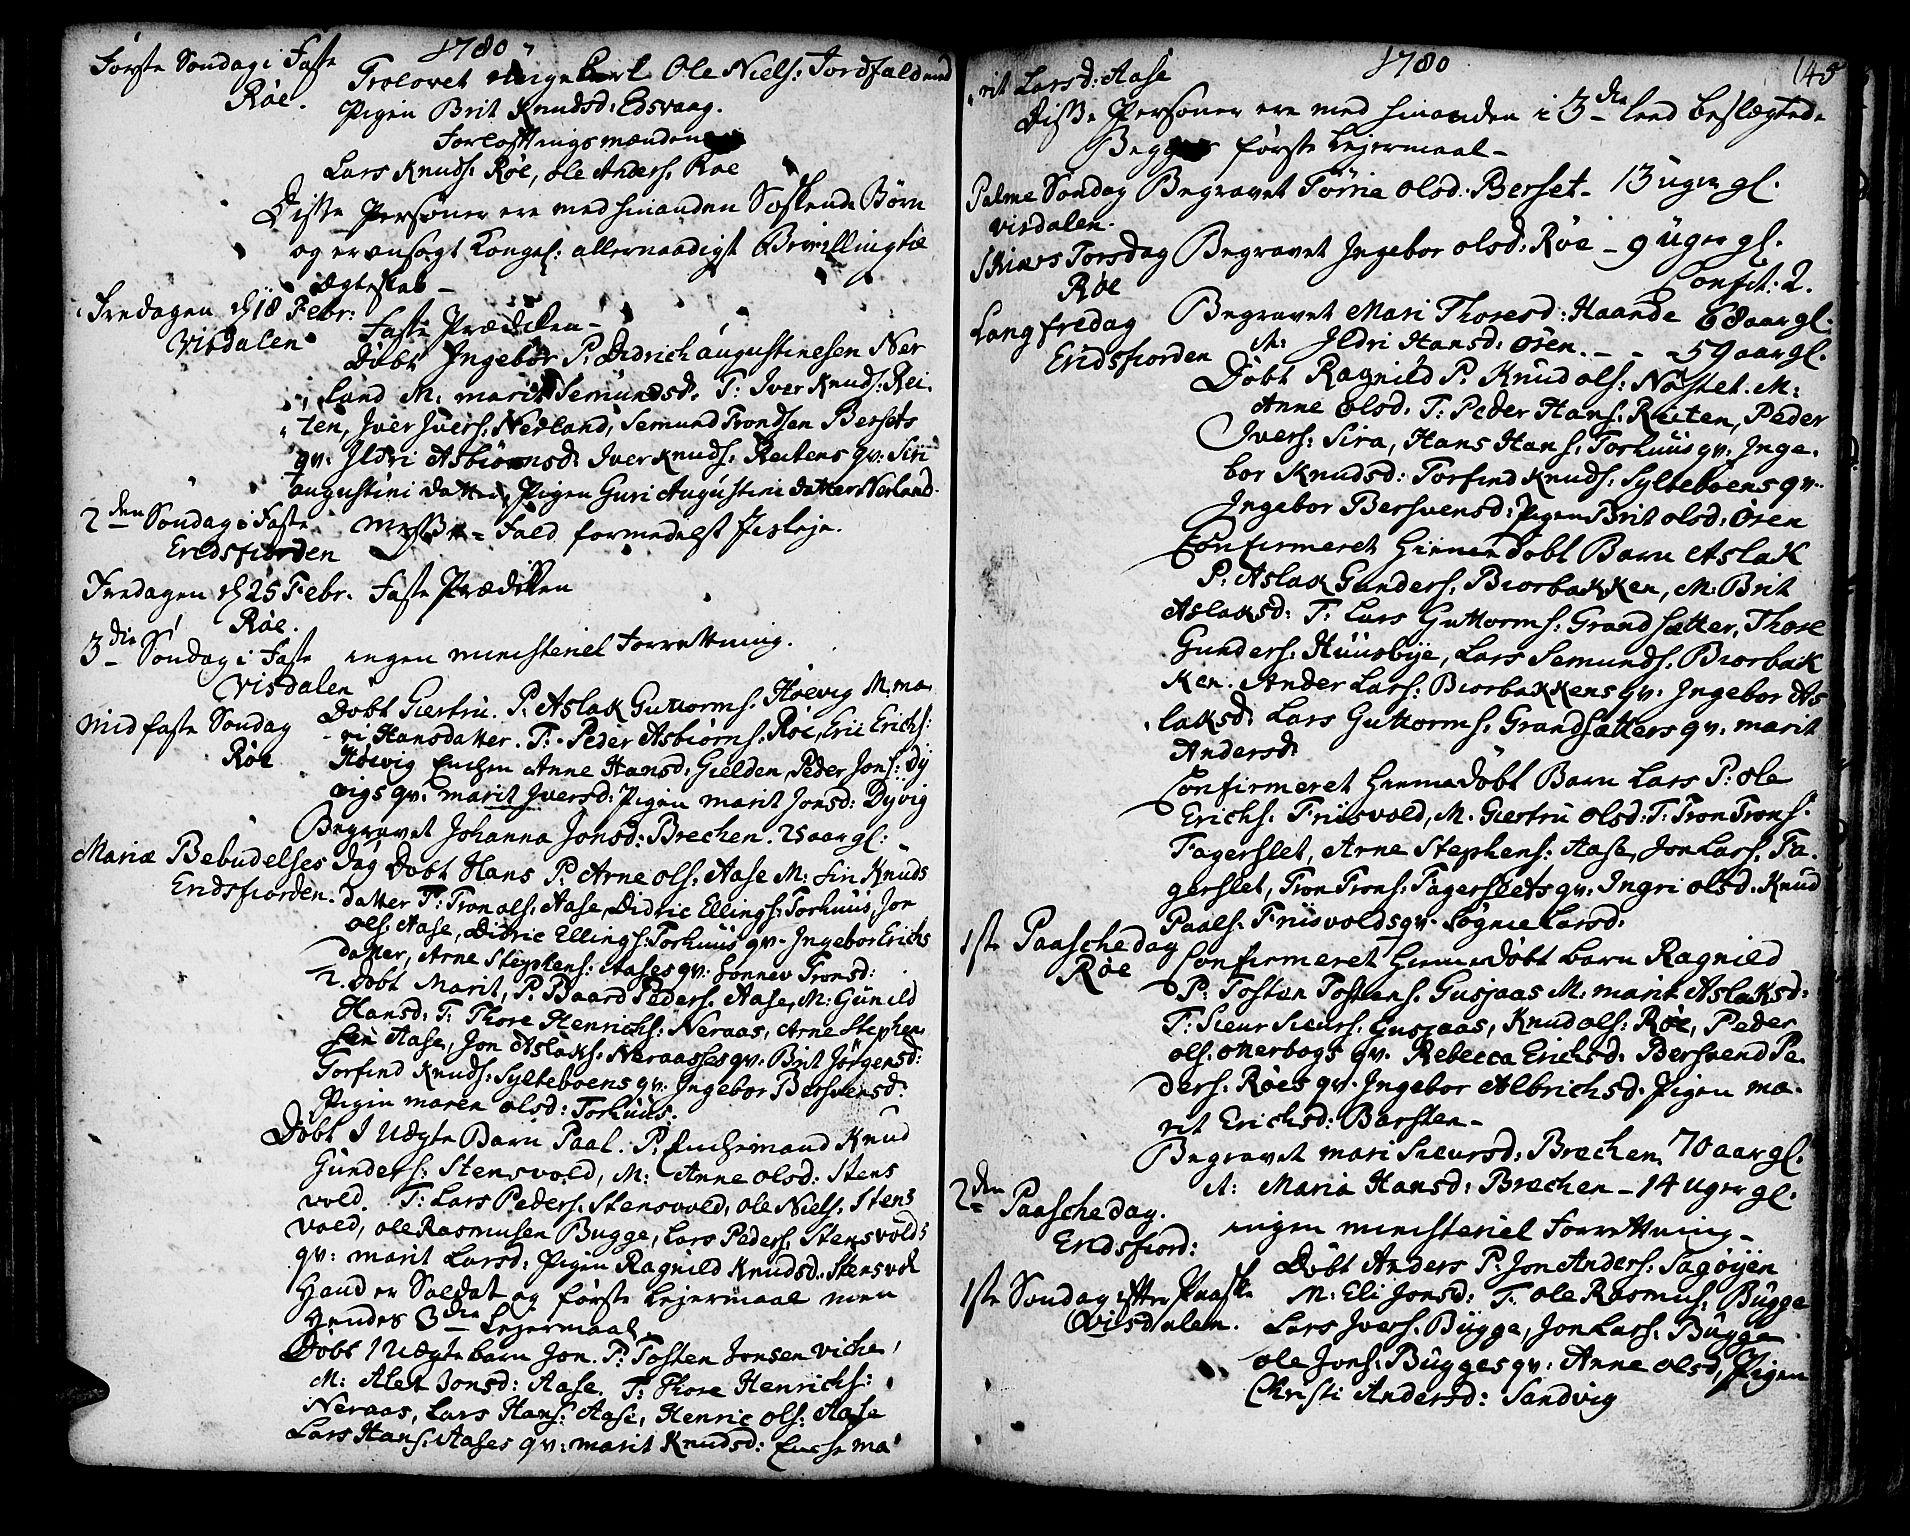 SAT, Ministerialprotokoller, klokkerbøker og fødselsregistre - Møre og Romsdal, 551/L0621: Parish register (official) no. 551A01, 1757-1803, p. 145